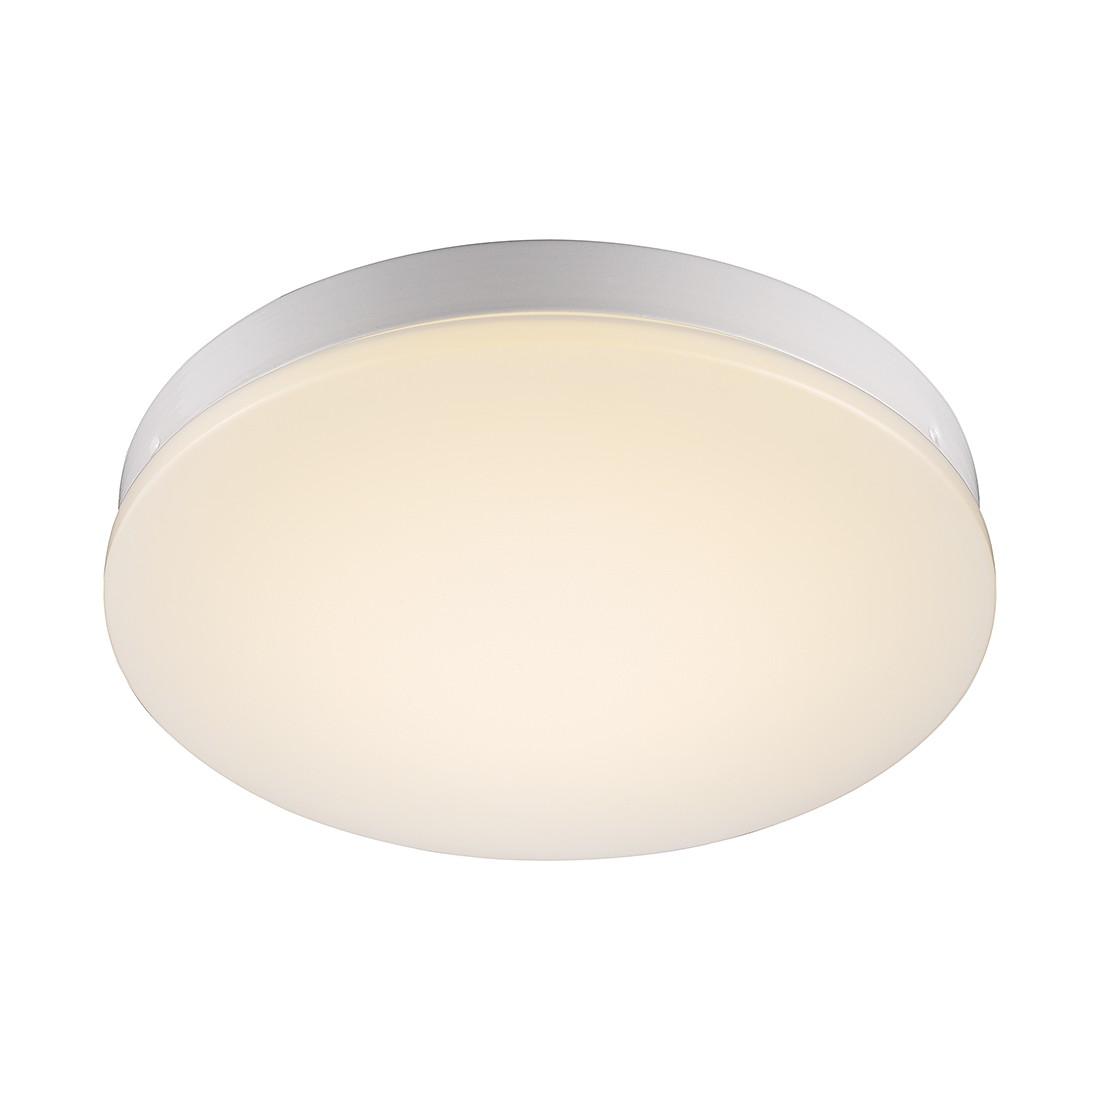 EEK A+, Deckenleuchte Scala – Metall – Weiß, Nordlux günstig